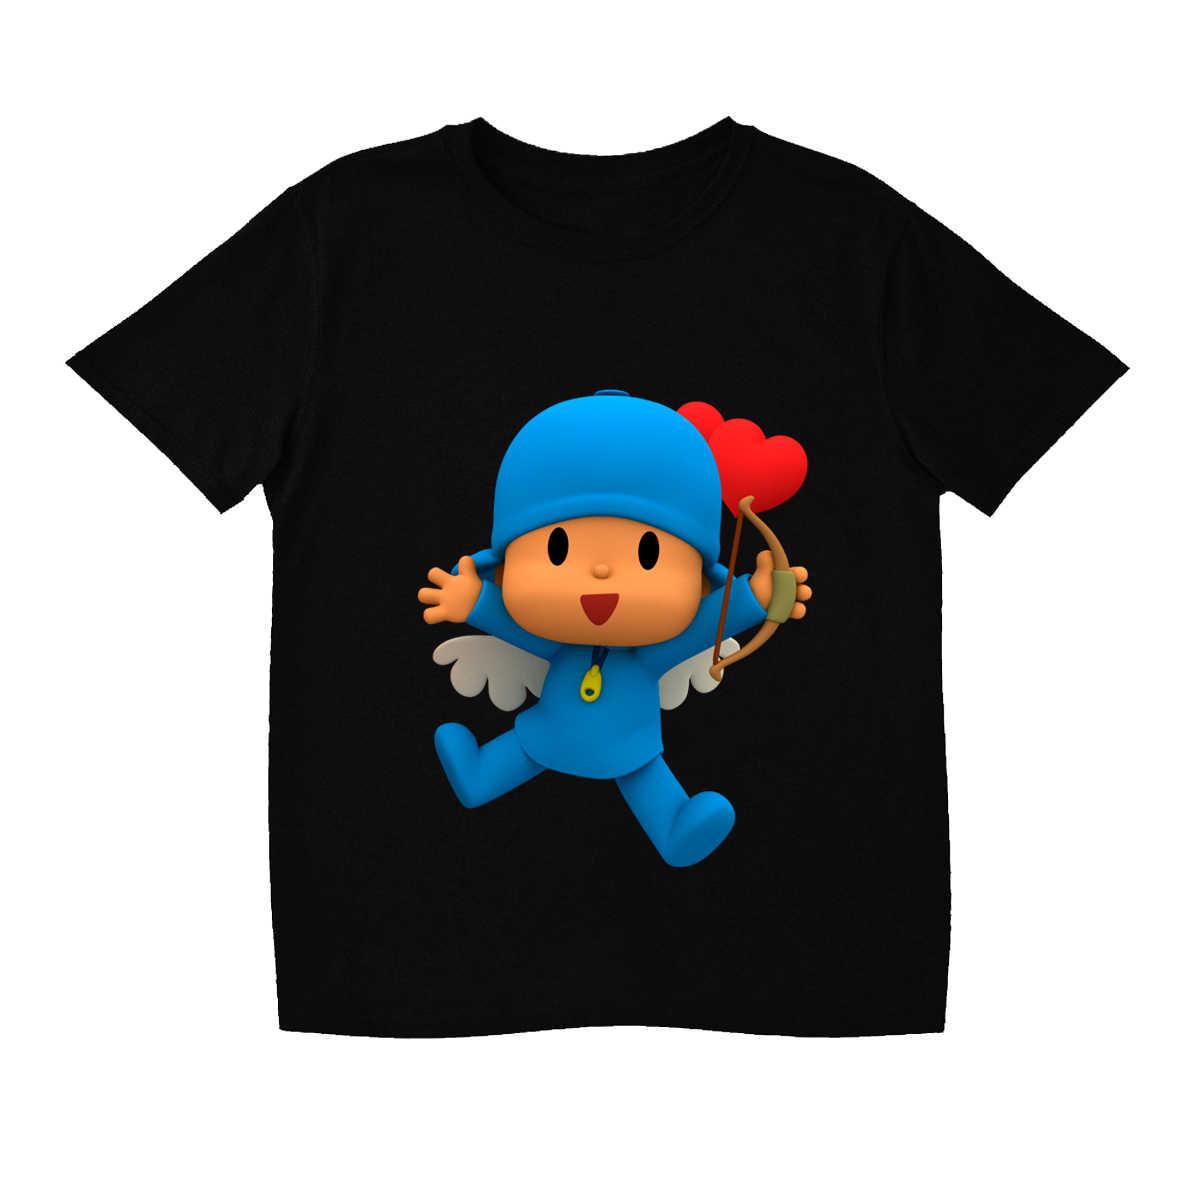 ZSIIBO Crianças de Manga Curta T-shirt Para O Menino Branco de Verão Roupas Meninas Camiseta Roupa Do Bebê Adorável Pocoyo Traje Impressão